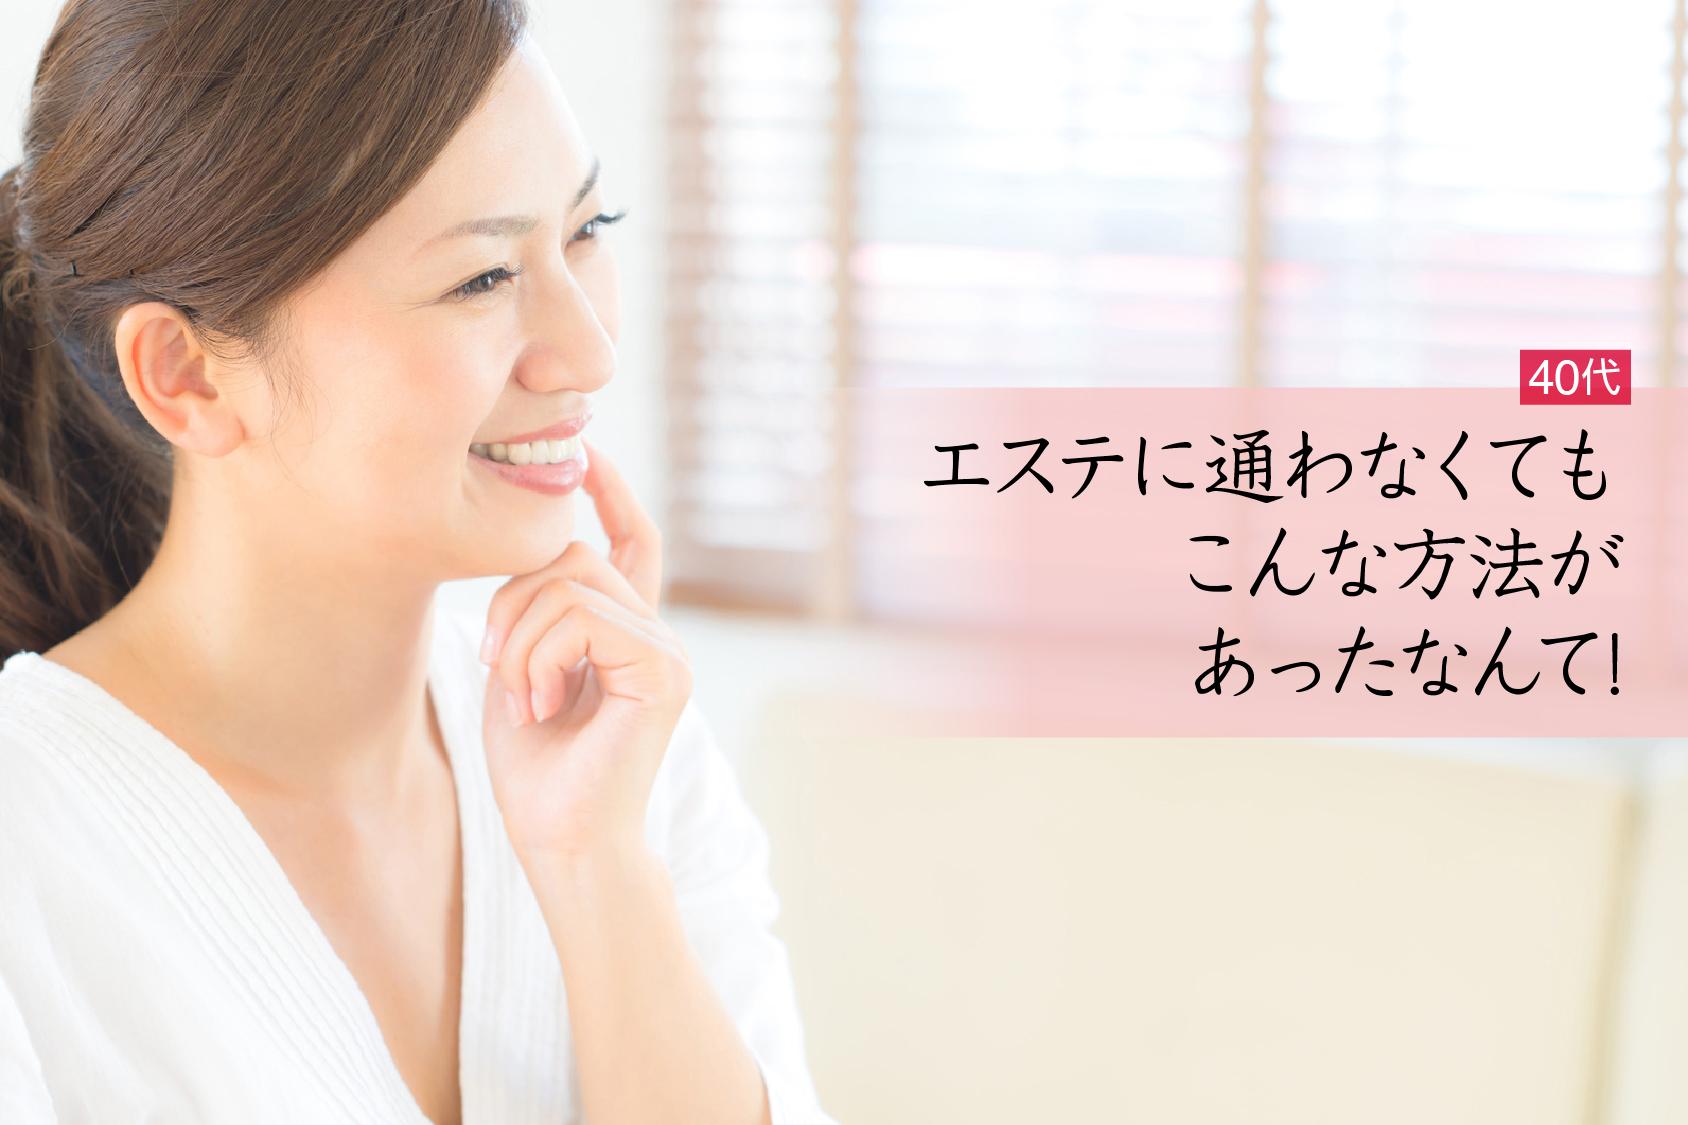 【ケース3】40代